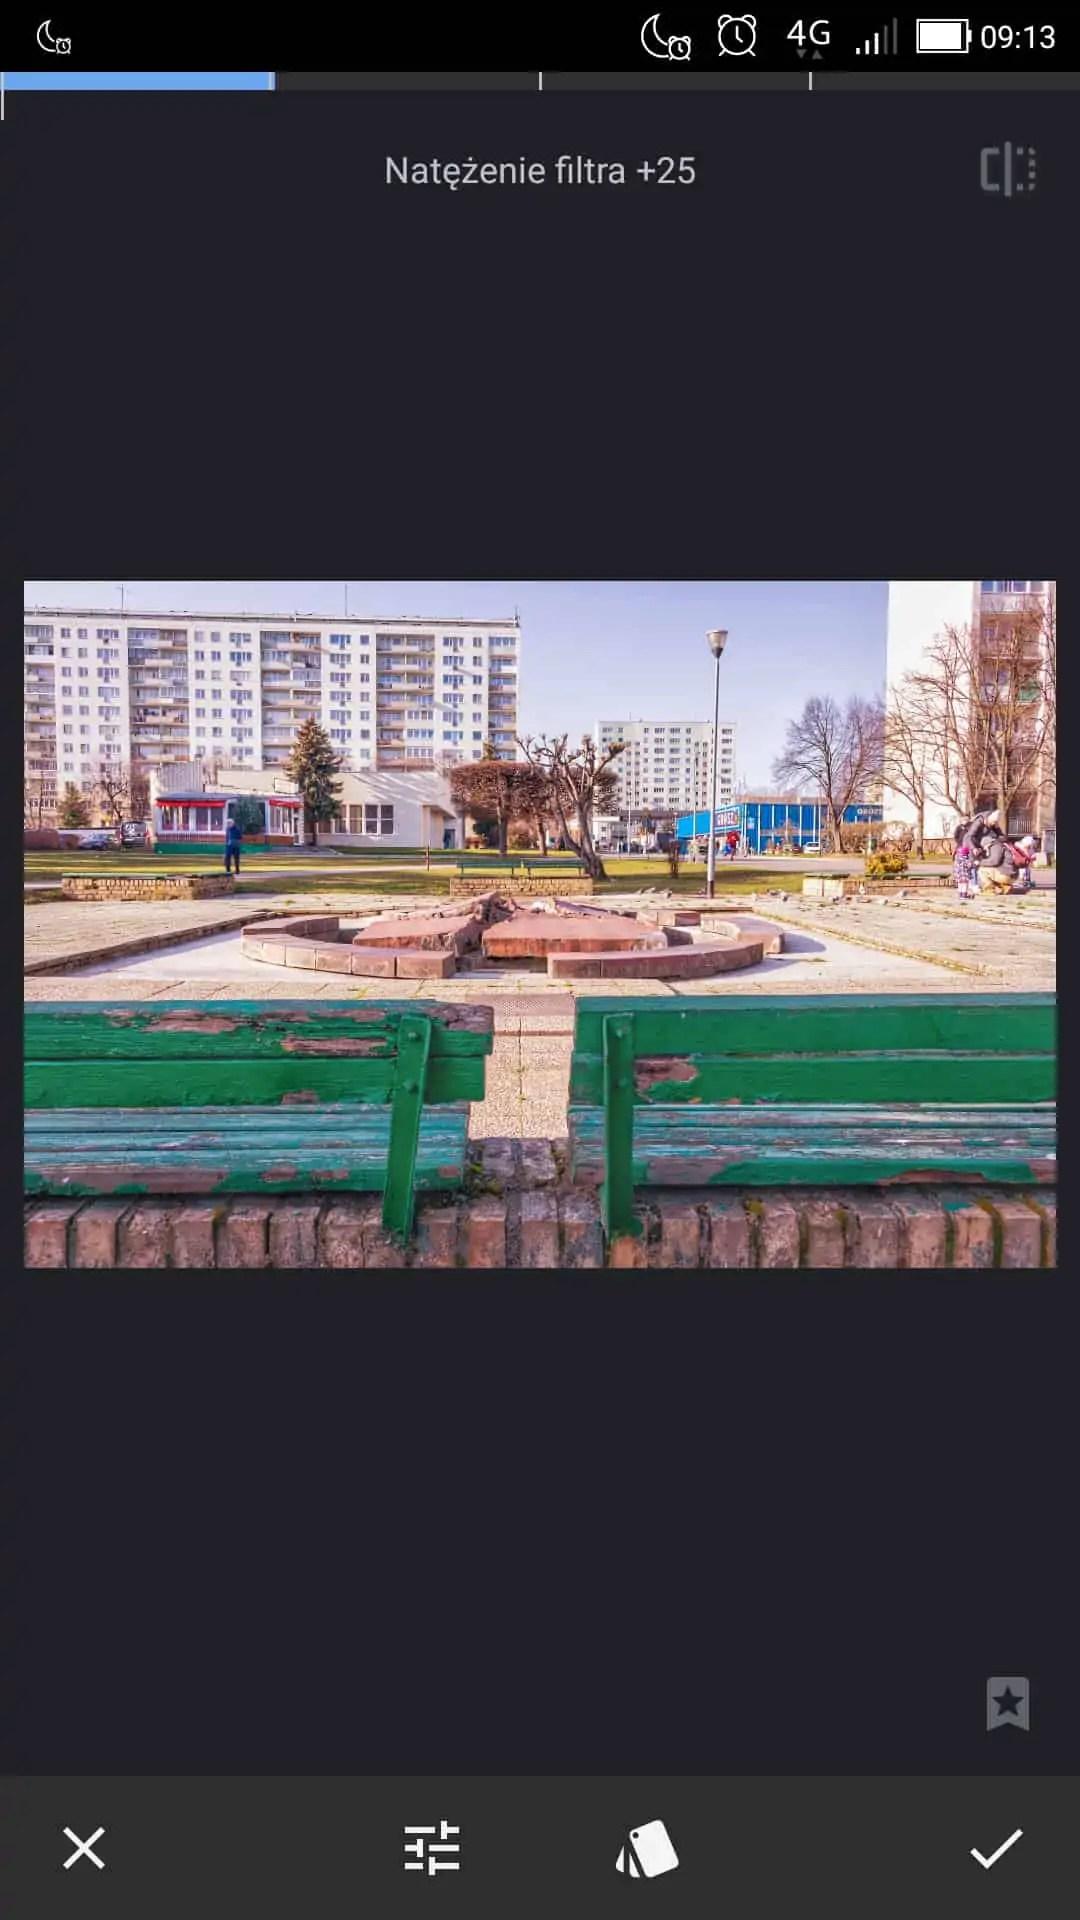 snapseed apka do zdjęć filtr HDR wartość 25 - Snapseed apka do zdjęć dla każdego